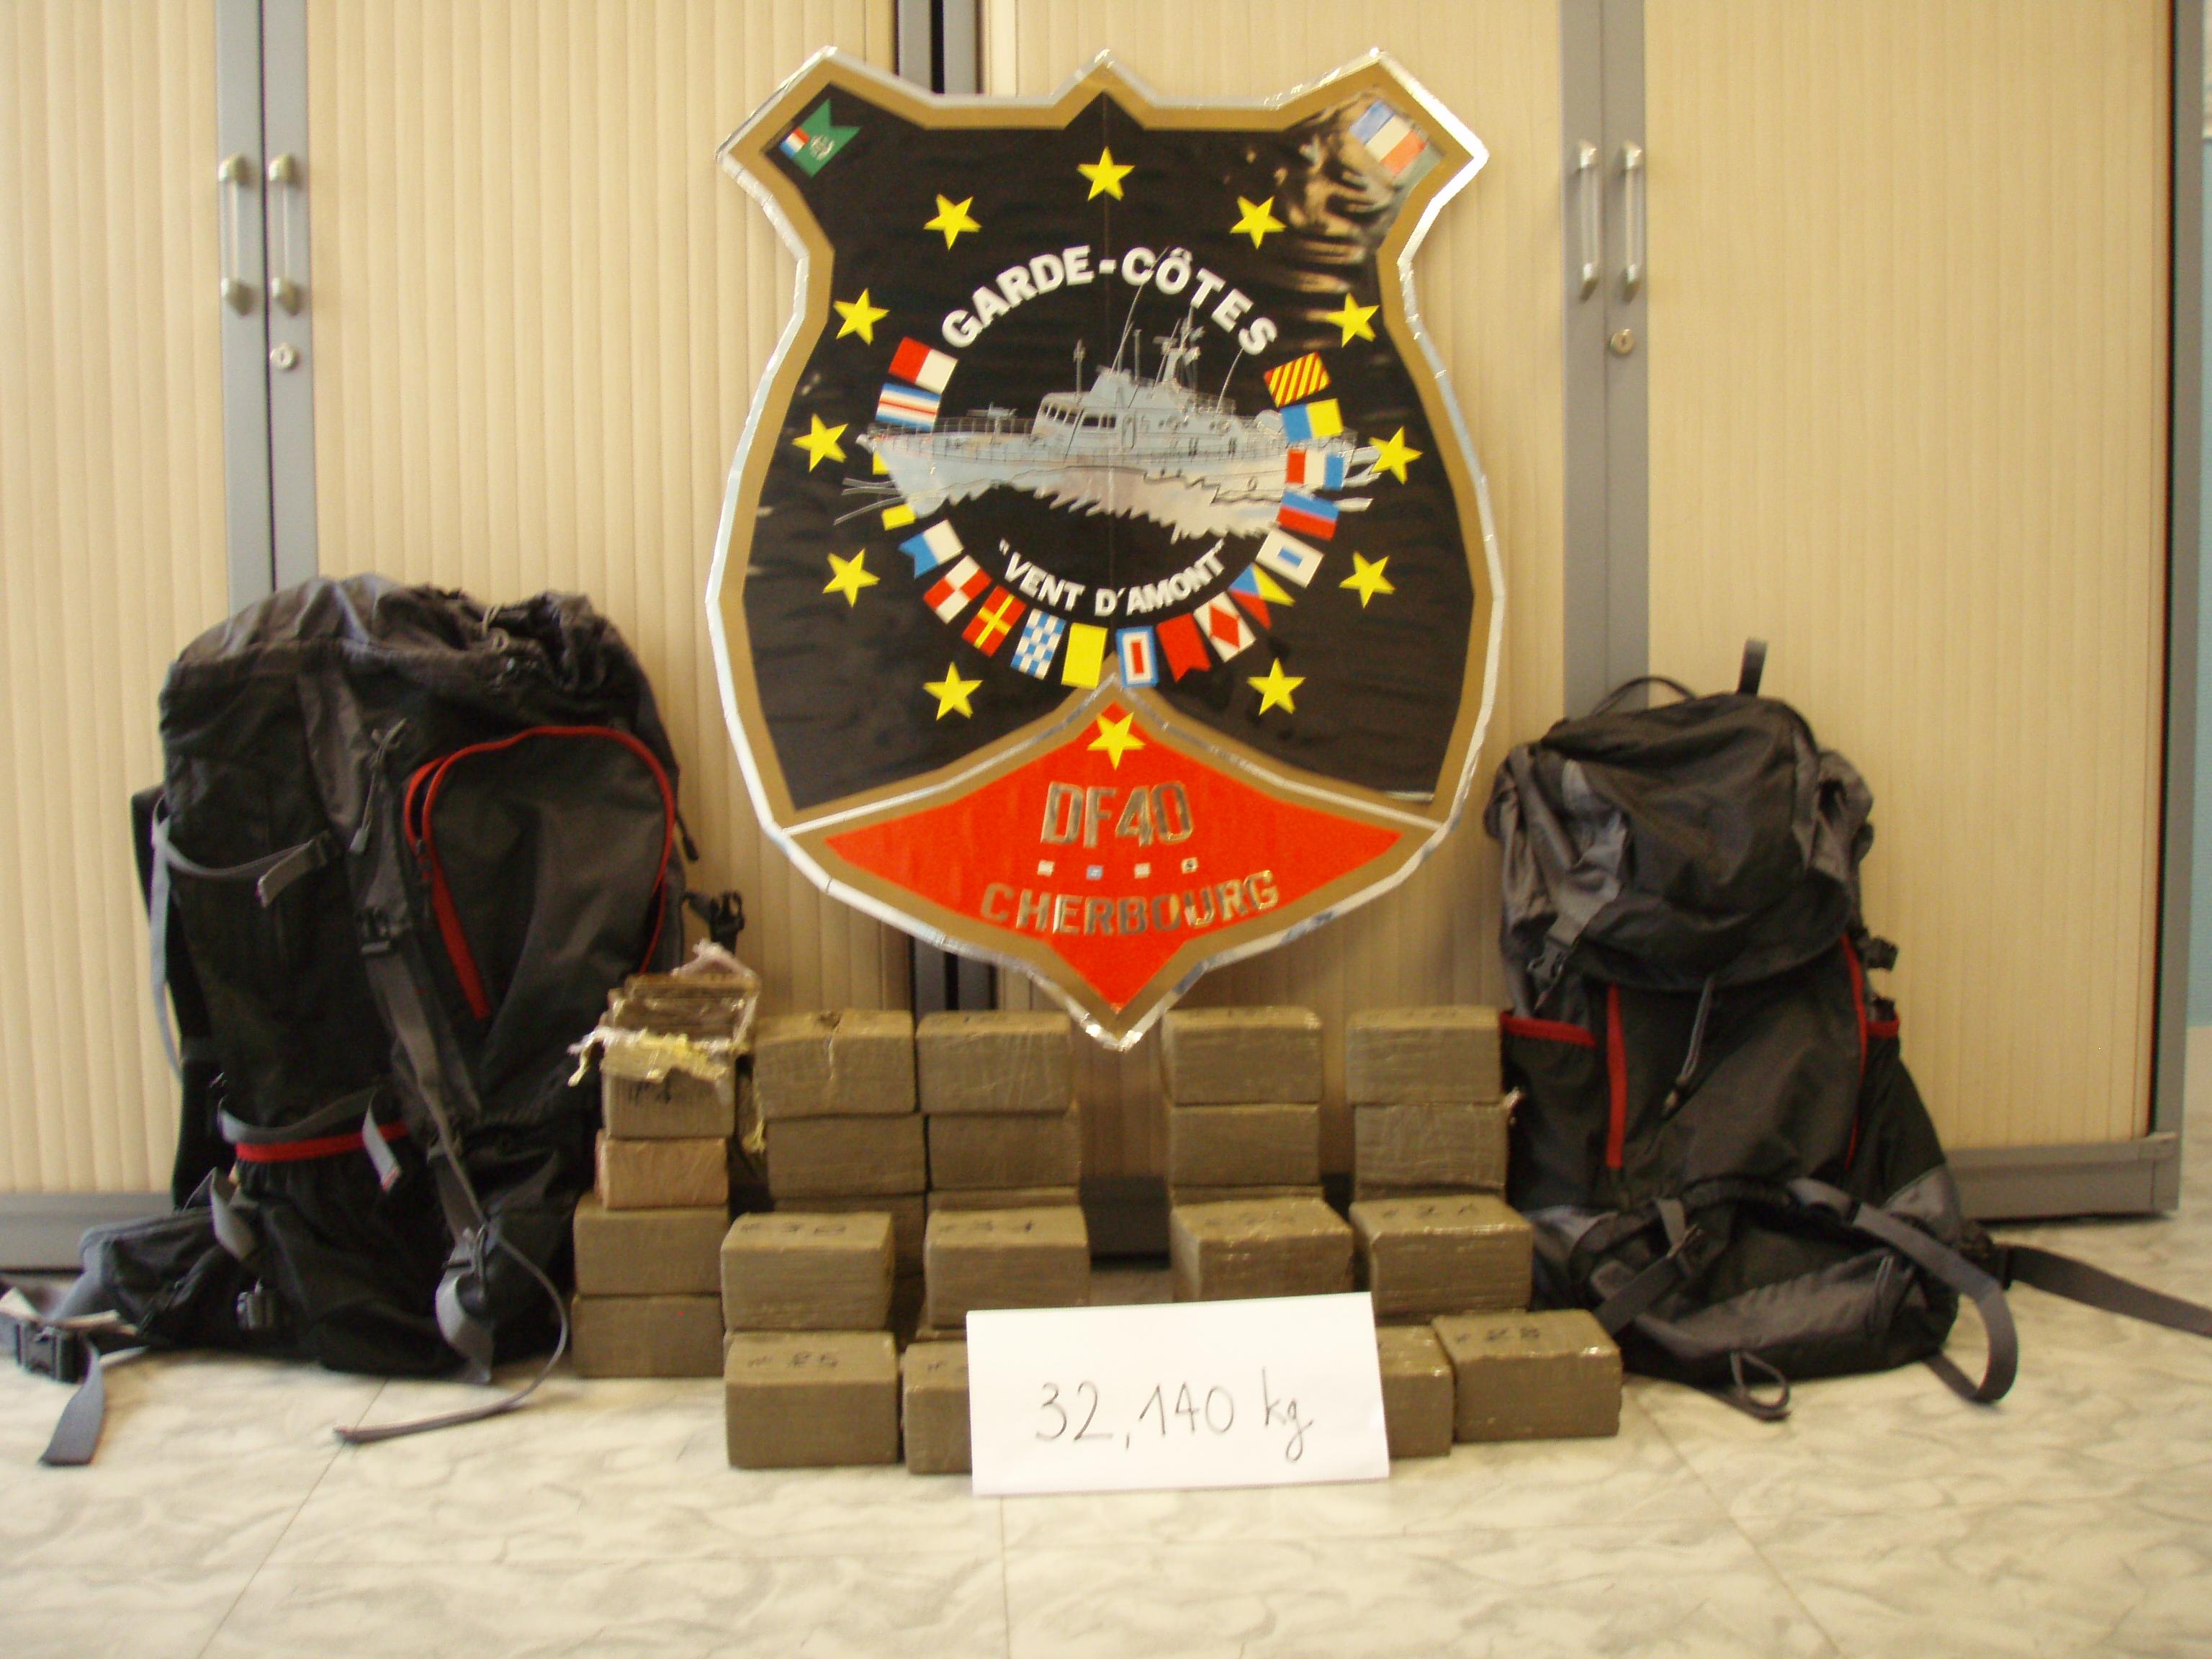 Les stupéfiants, conditionnés en pains et entreposés dans deux sacs à dos, ont été saisis par la douane (Photo@Douane)